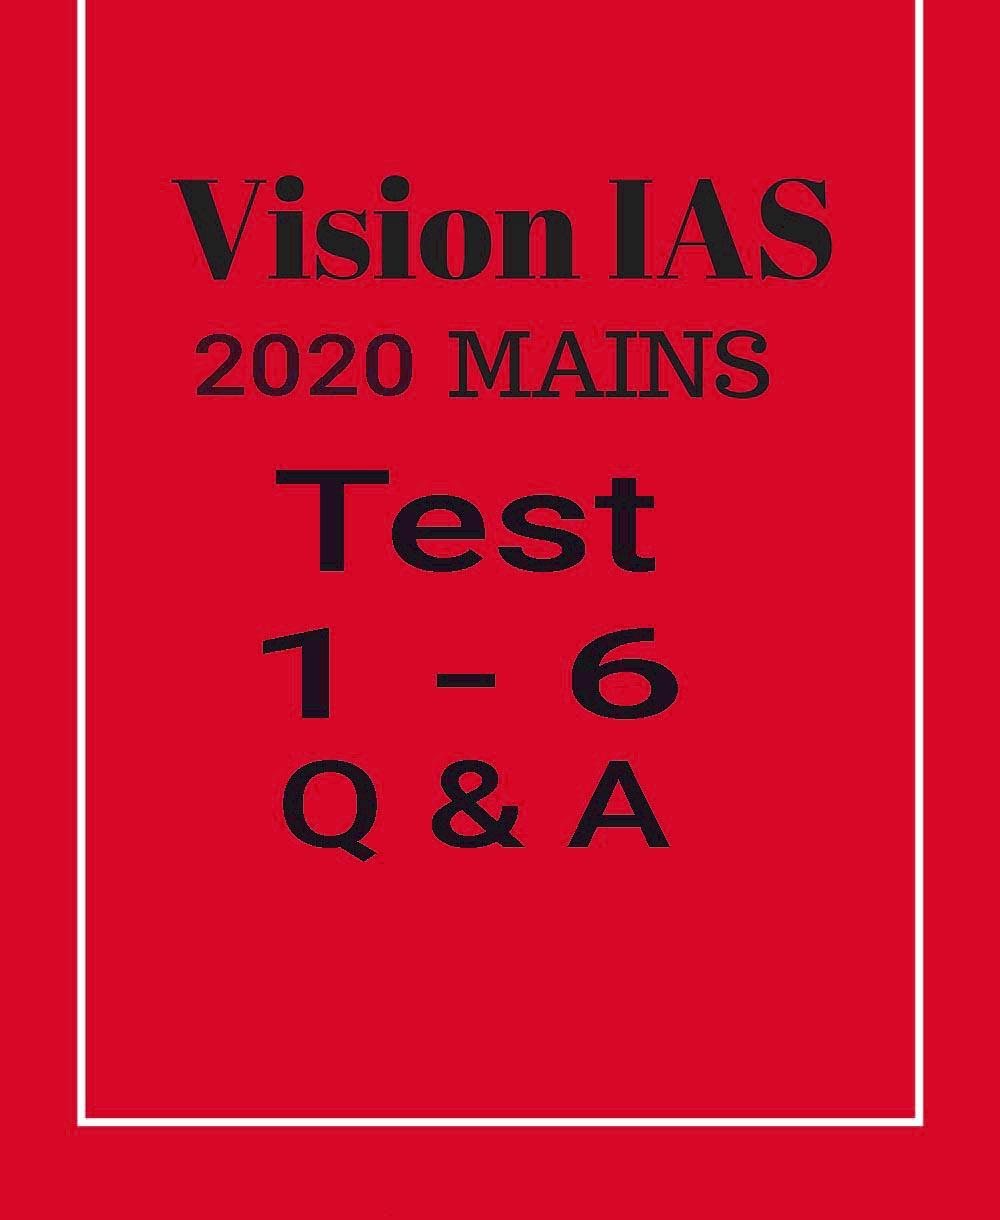 Vision IAS Mains Test 2020 pdf